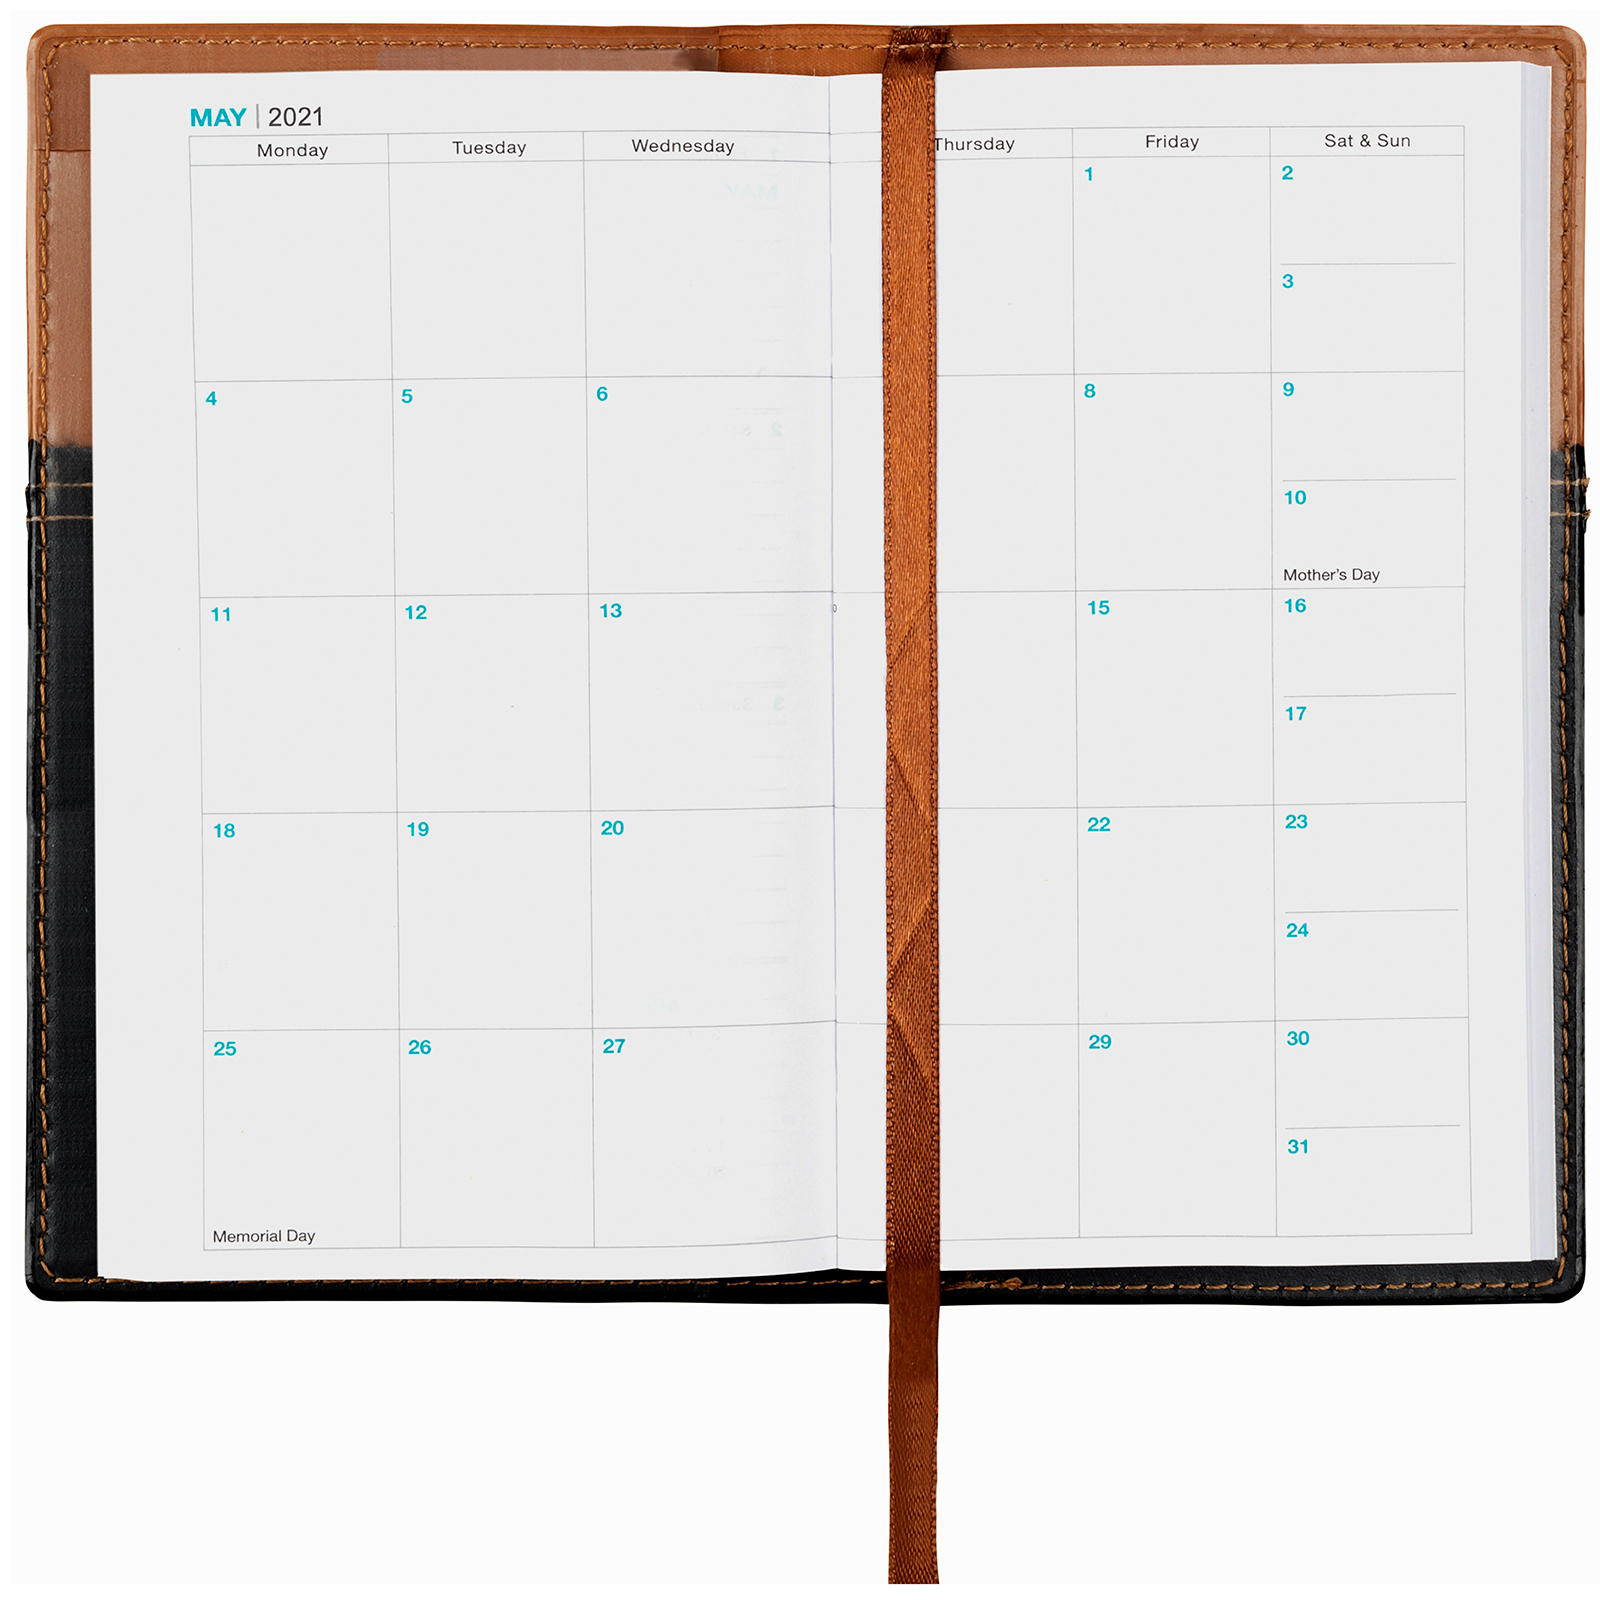 Details About 2021 Weekly Pocket Planner/Pocket Calendar - 14 Months (Nov  2020 - Dec 2021) for 2021-2021 2 Year Pocket Planner: 2 Year